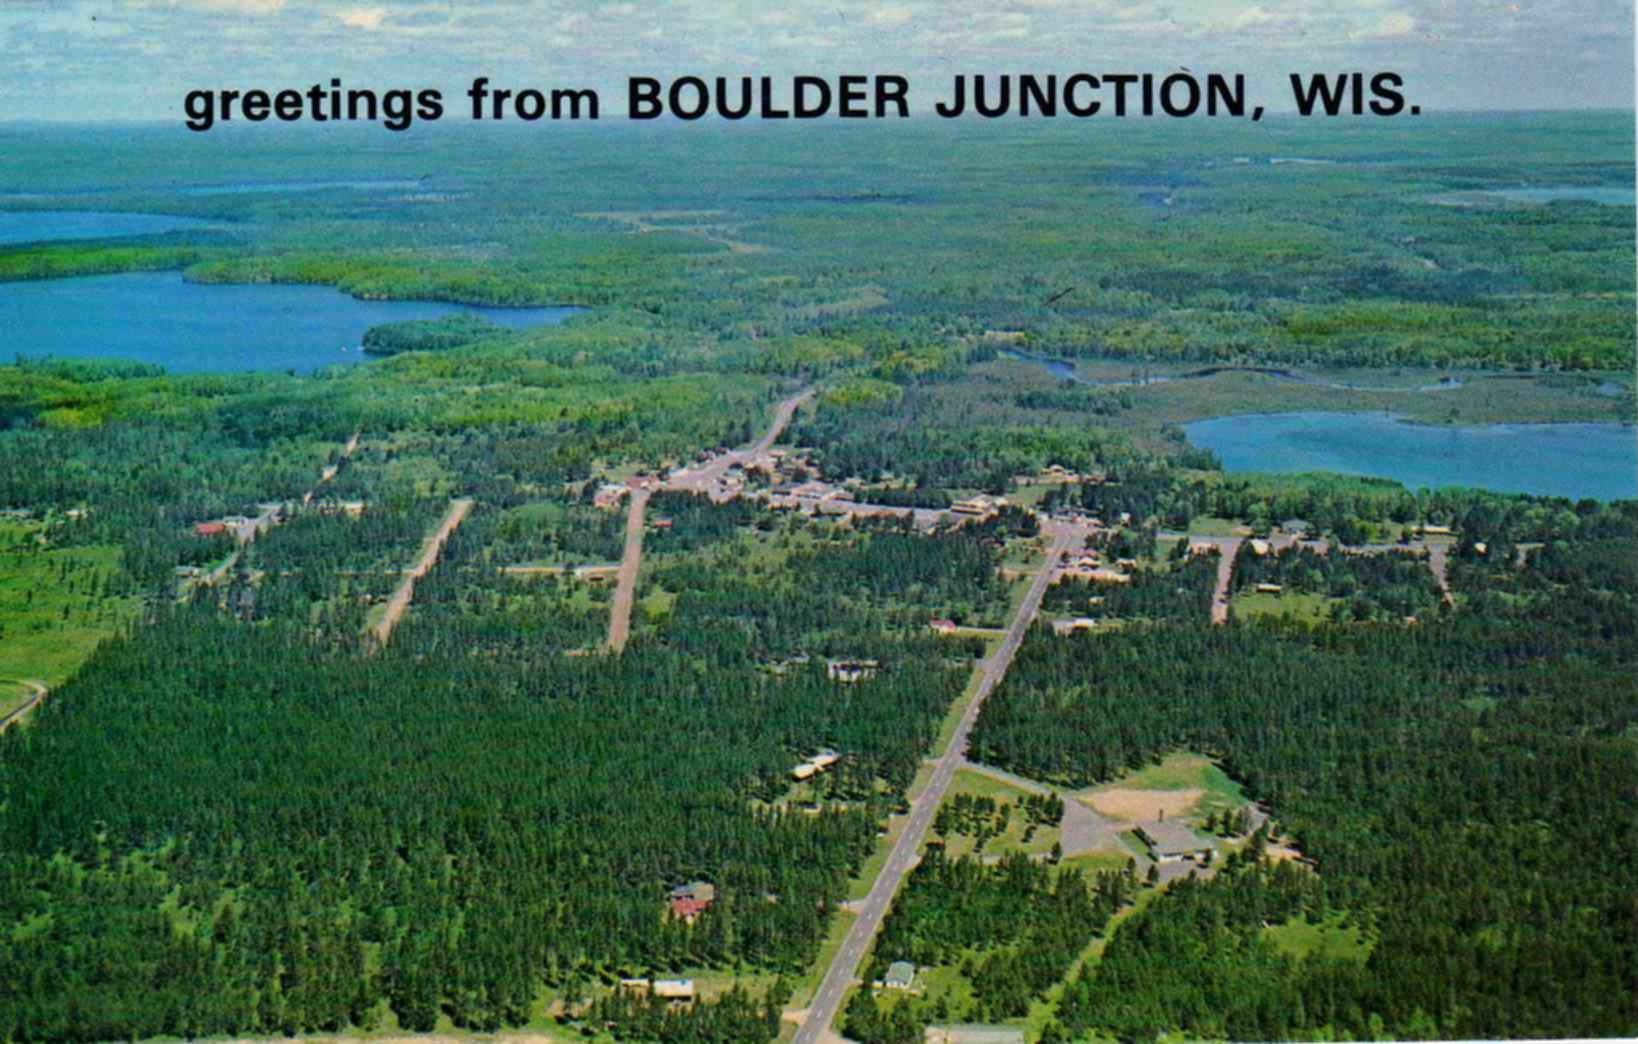 boulderjunction303